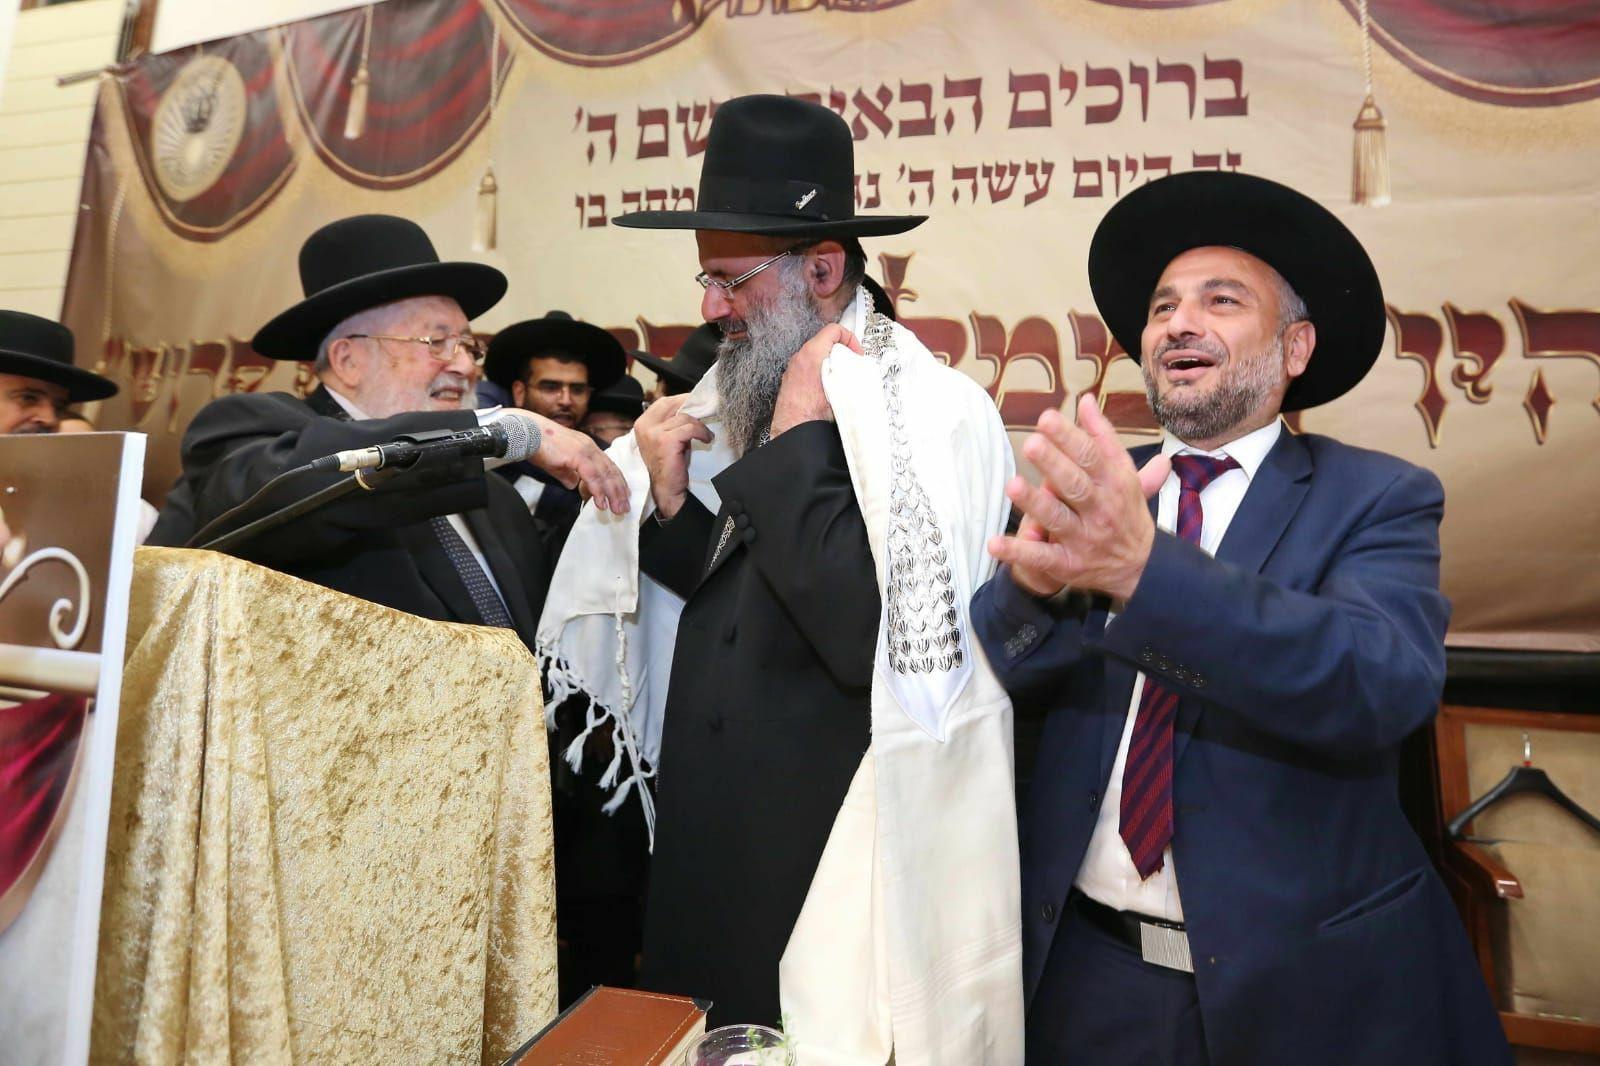 הכתרת הרב דוד כהן בית שמש (11)